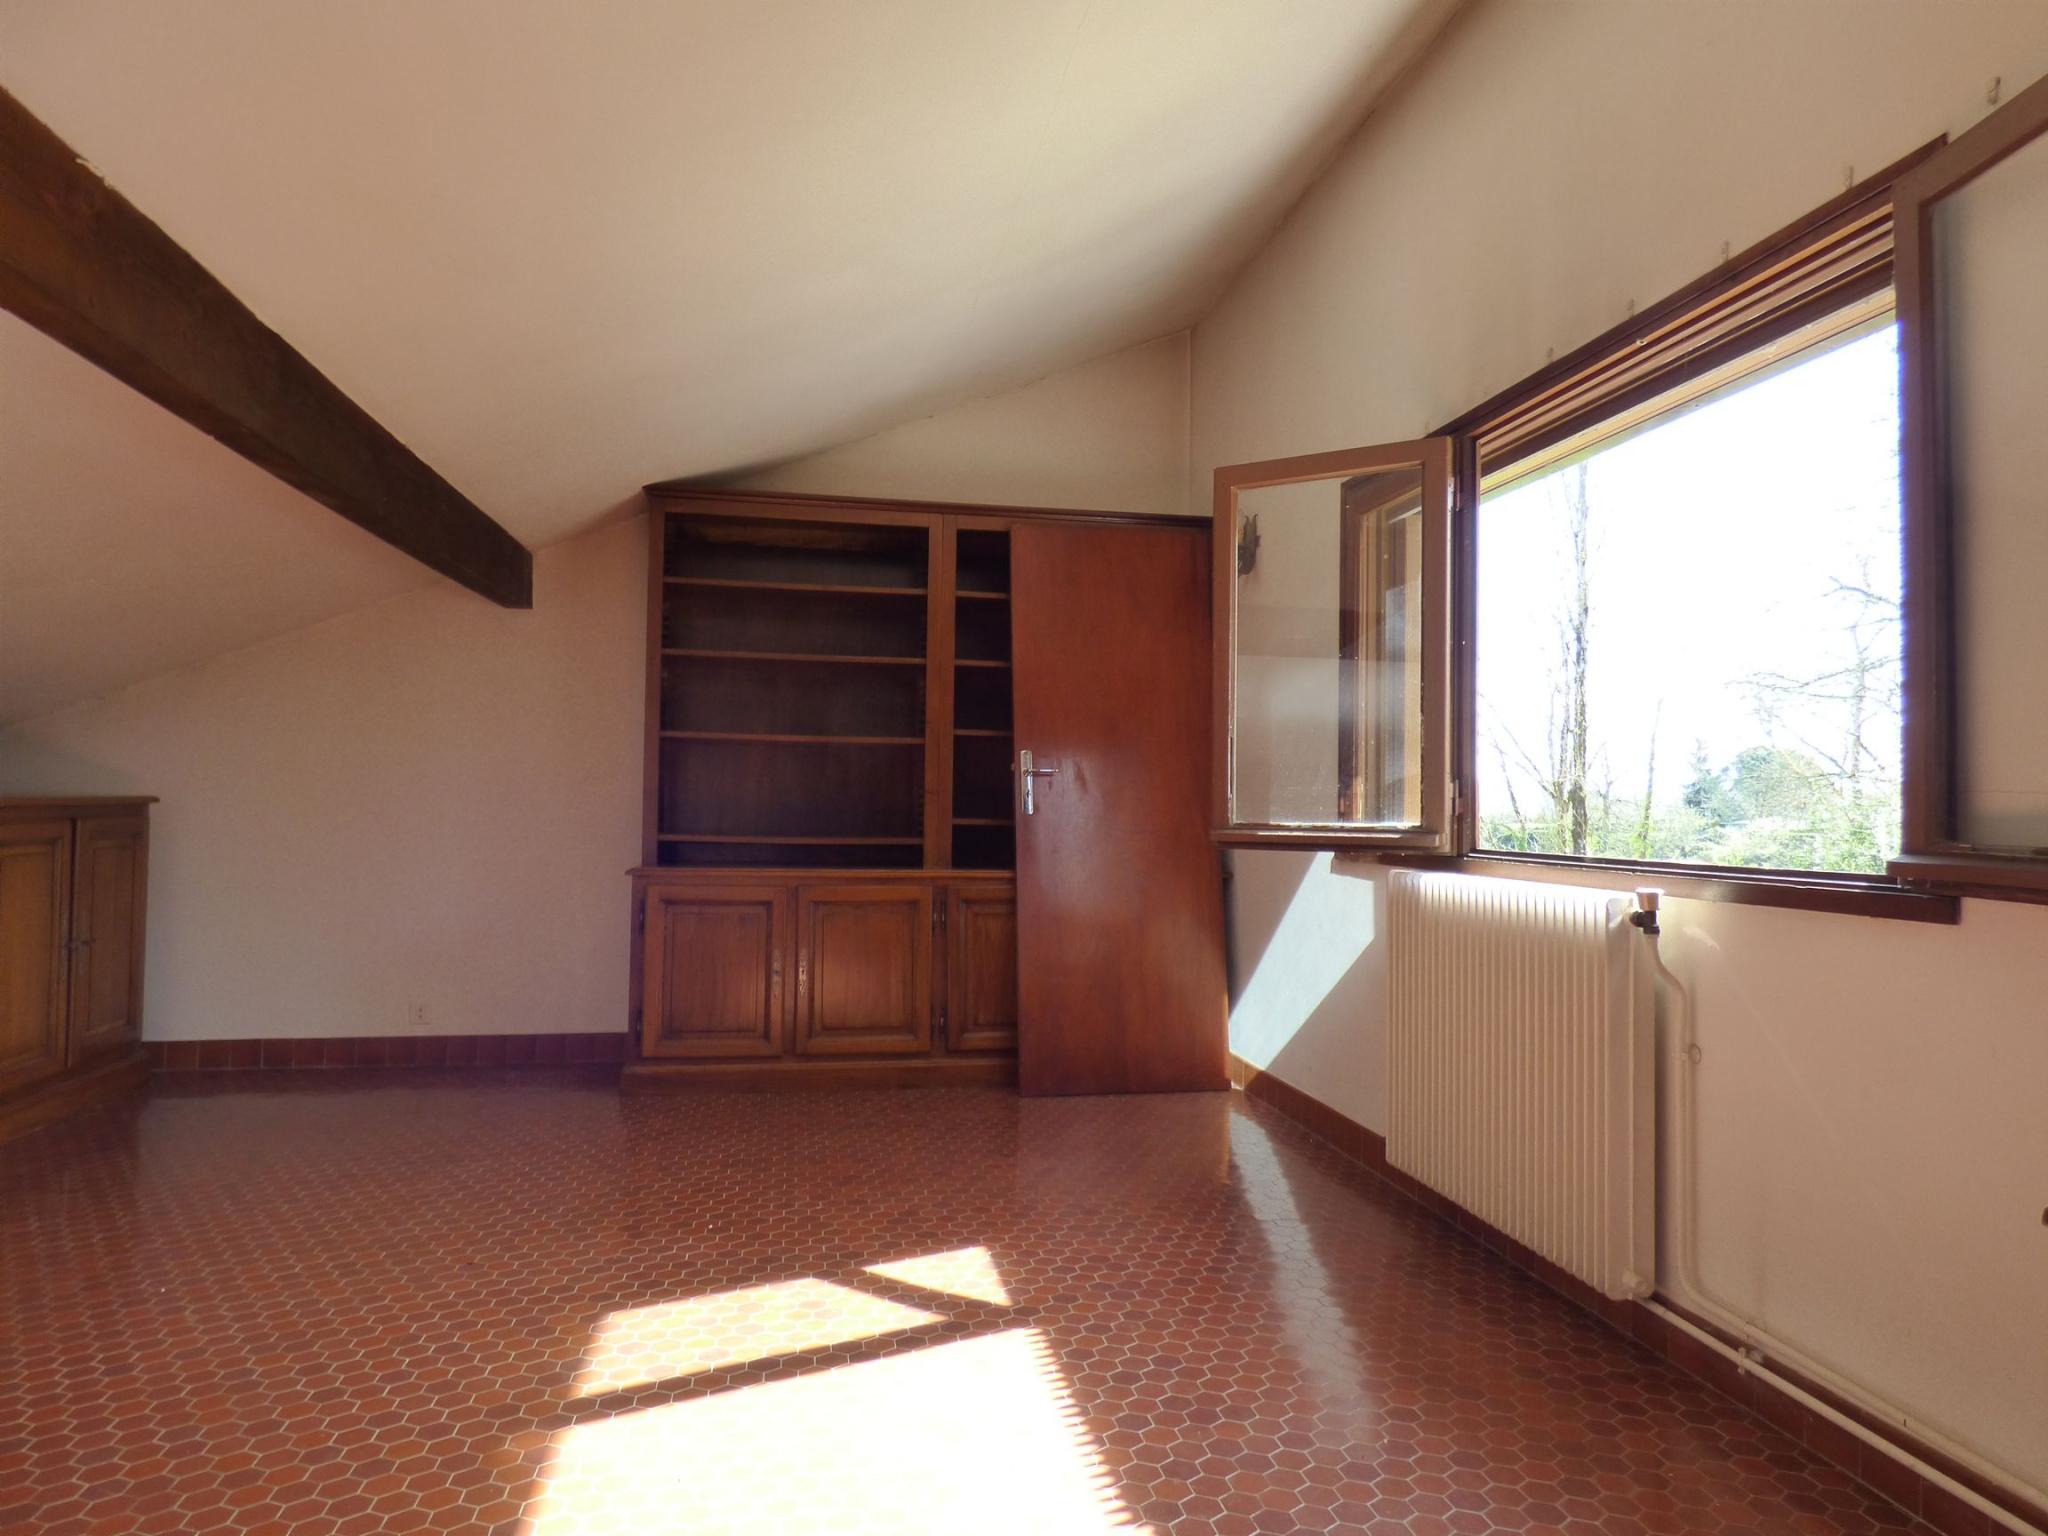 vente orthez maison de 180 m avec annexe de 50m sur 4600 m sogeo. Black Bedroom Furniture Sets. Home Design Ideas